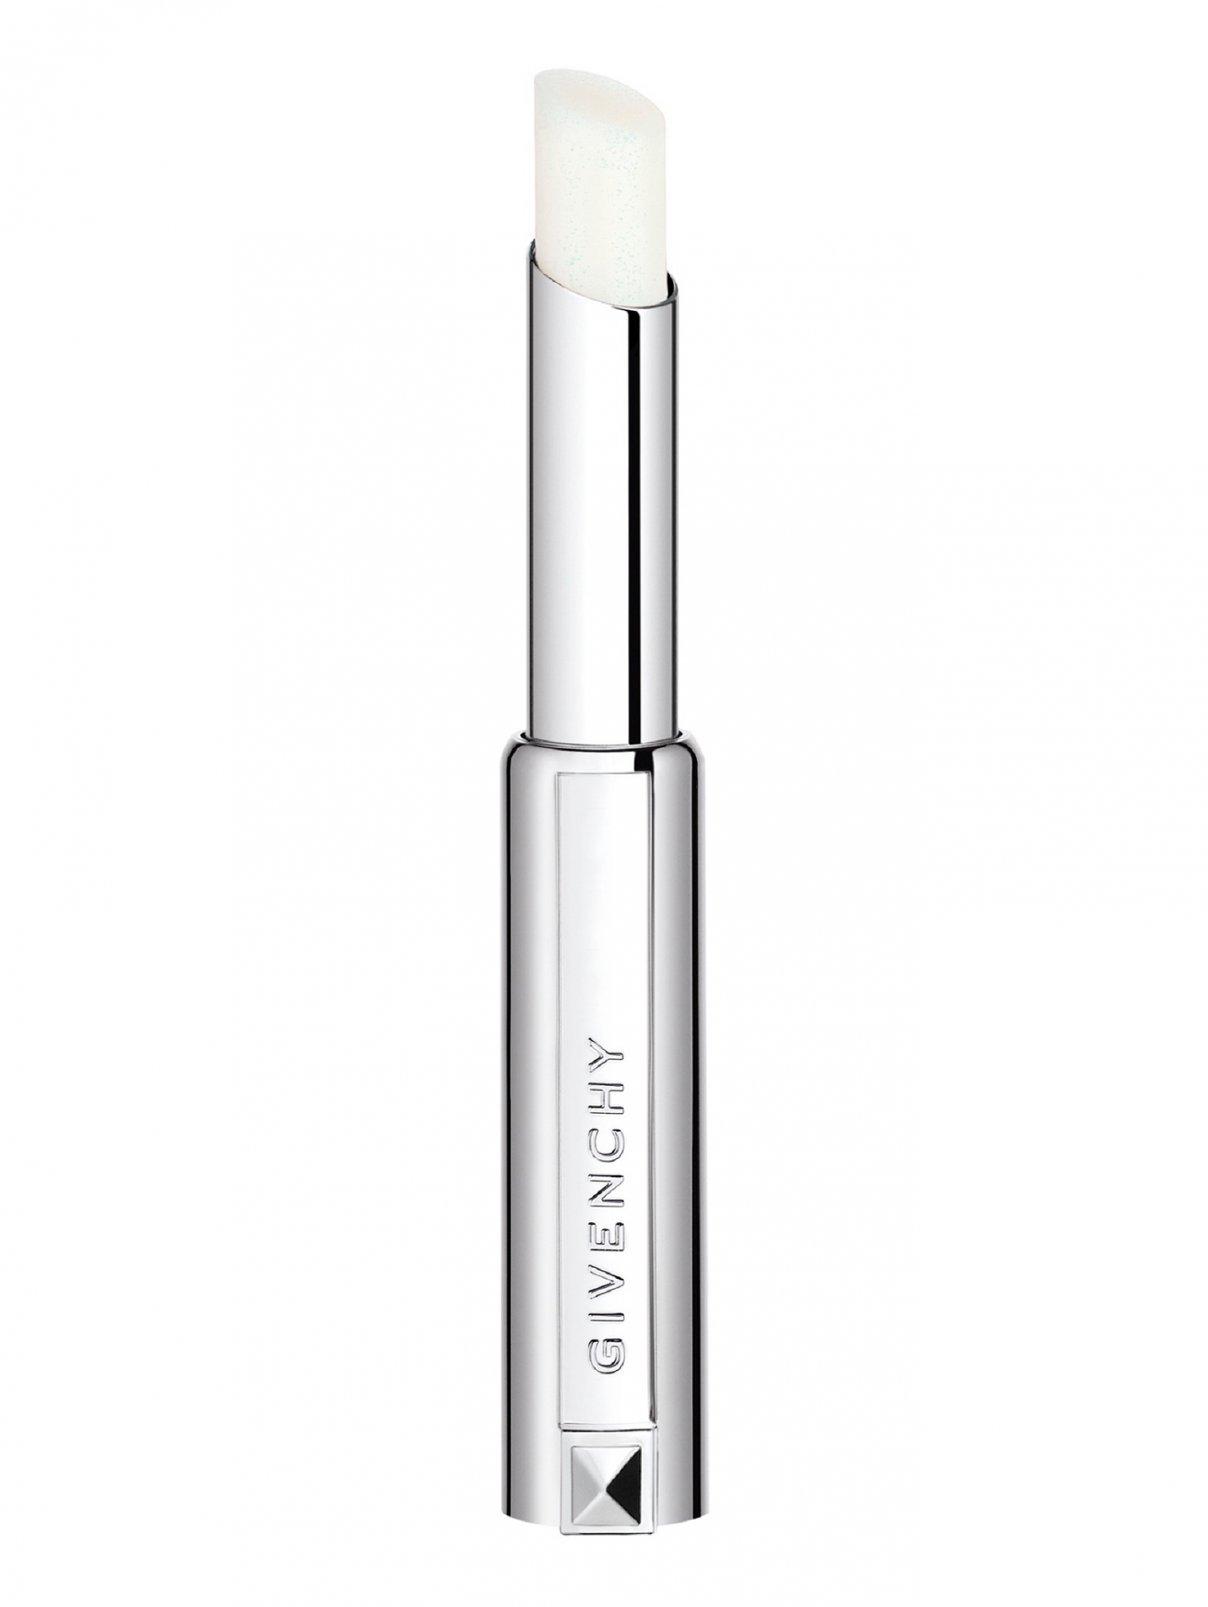 Бальзам для губ LE ROSE PERFECTO, 000 защитный белый, 2.2 г Givenchy  –  Общий вид